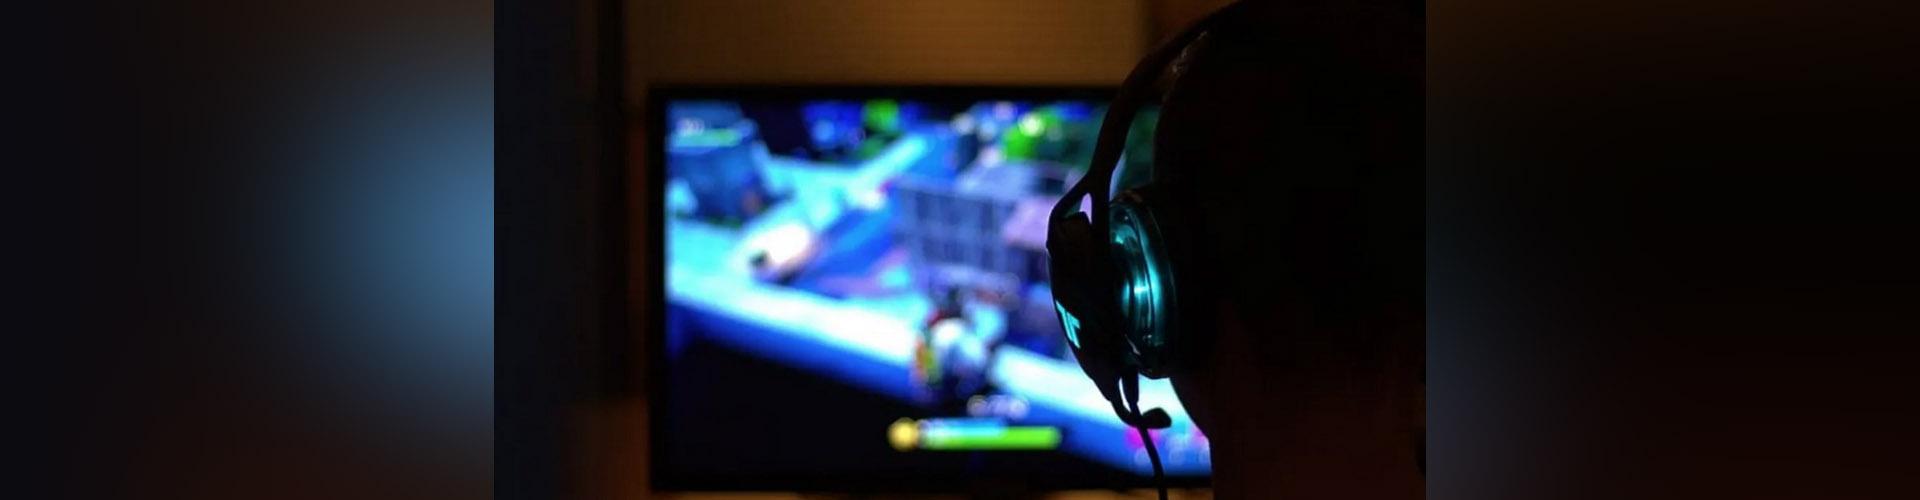 Niño es hospitalizado por su grave adicción al videojuego Fortnite y se vuelve el primer caso clínico del mundo